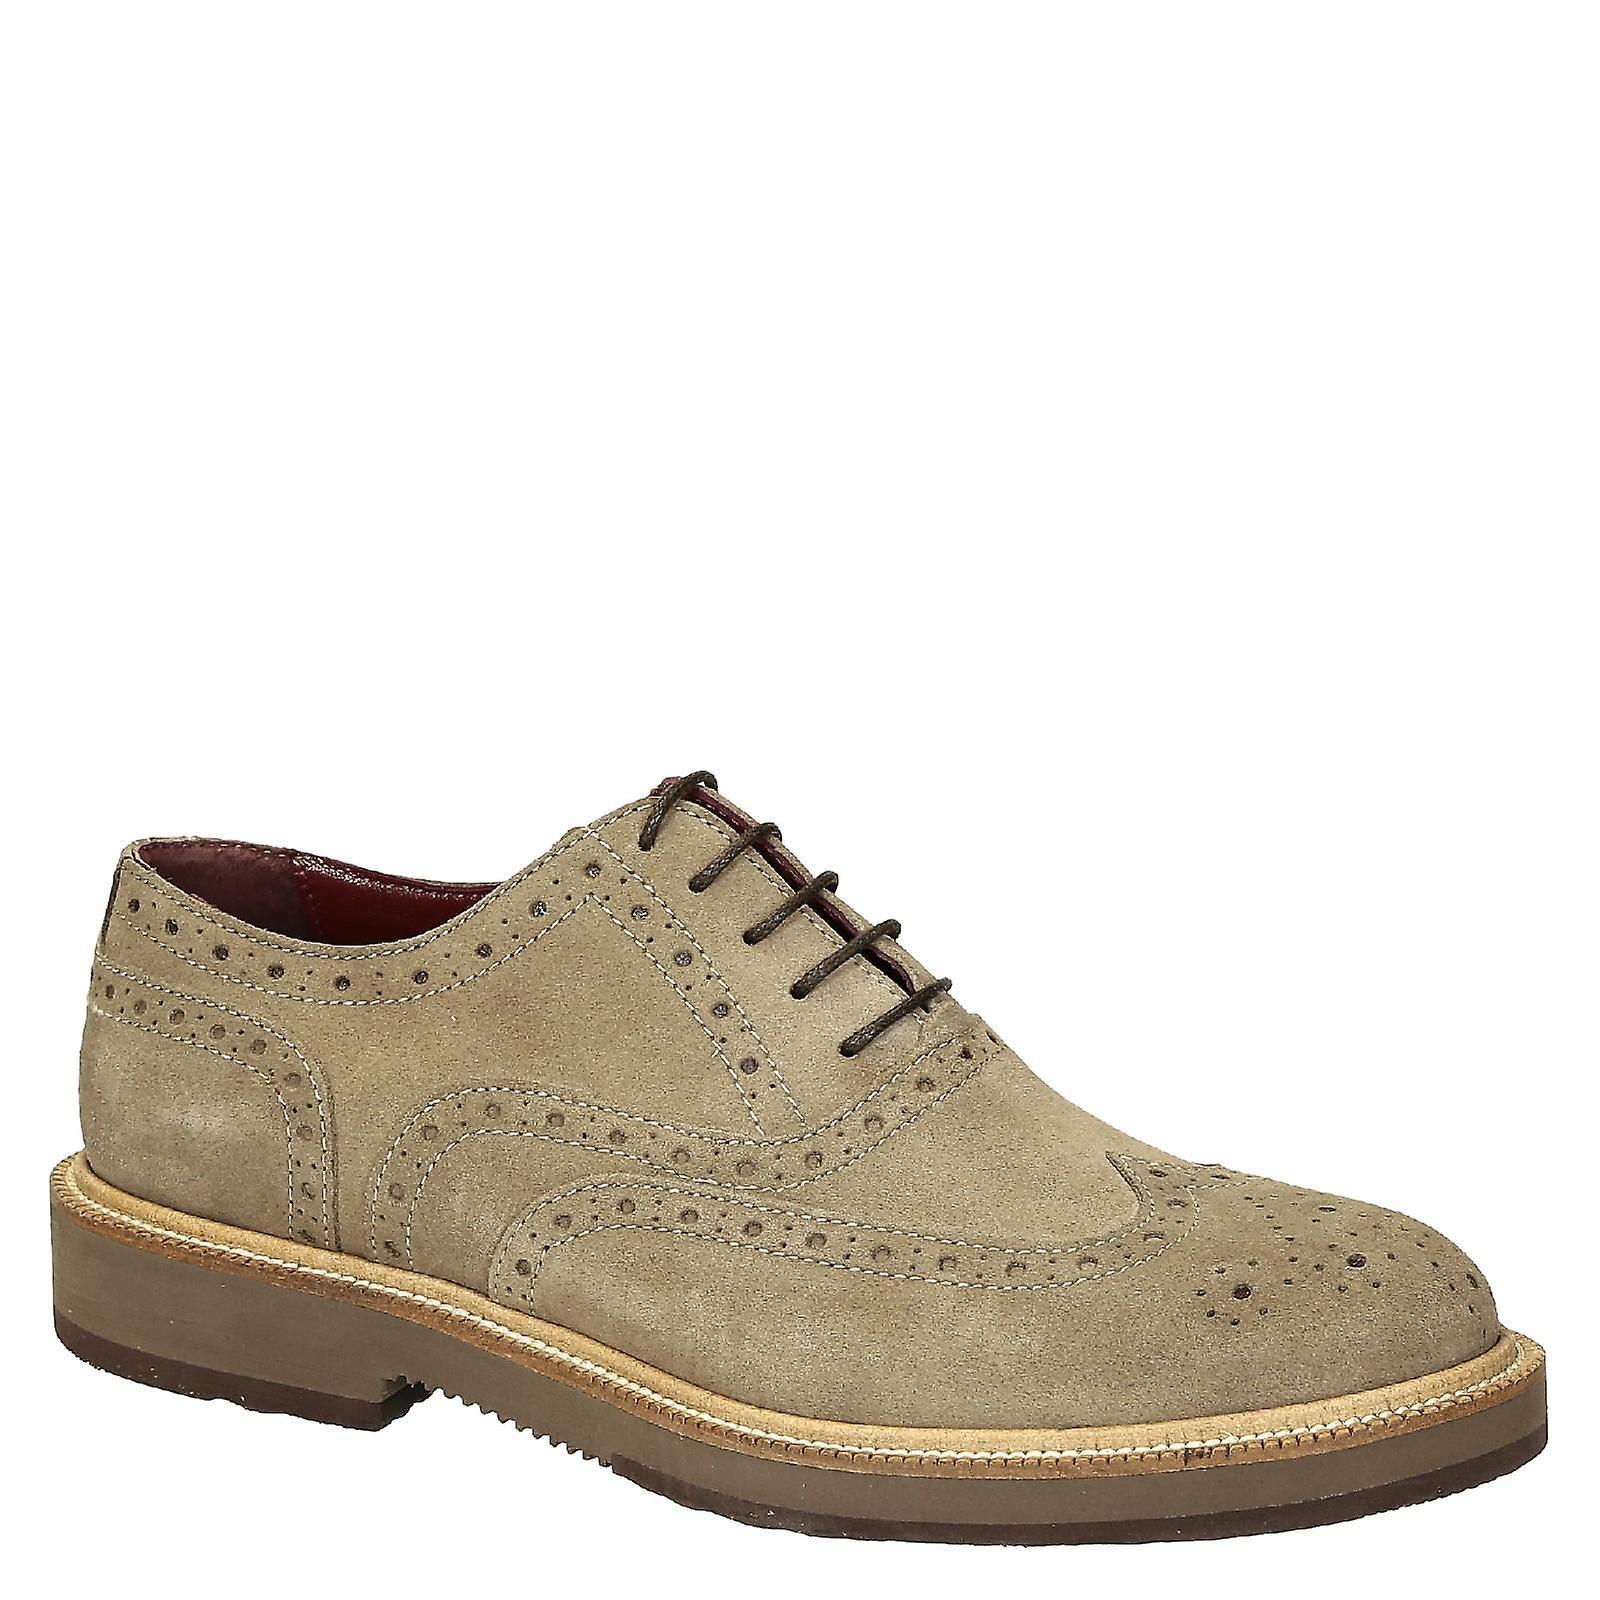 pelle cuoio beige degli degli degli uomini brogues oxfords quelle scarpe | Beautiful  | Conosciuto per la sua bellissima qualità  | Prezzo giusto  | Sig/Sig Ra Scarpa  865549